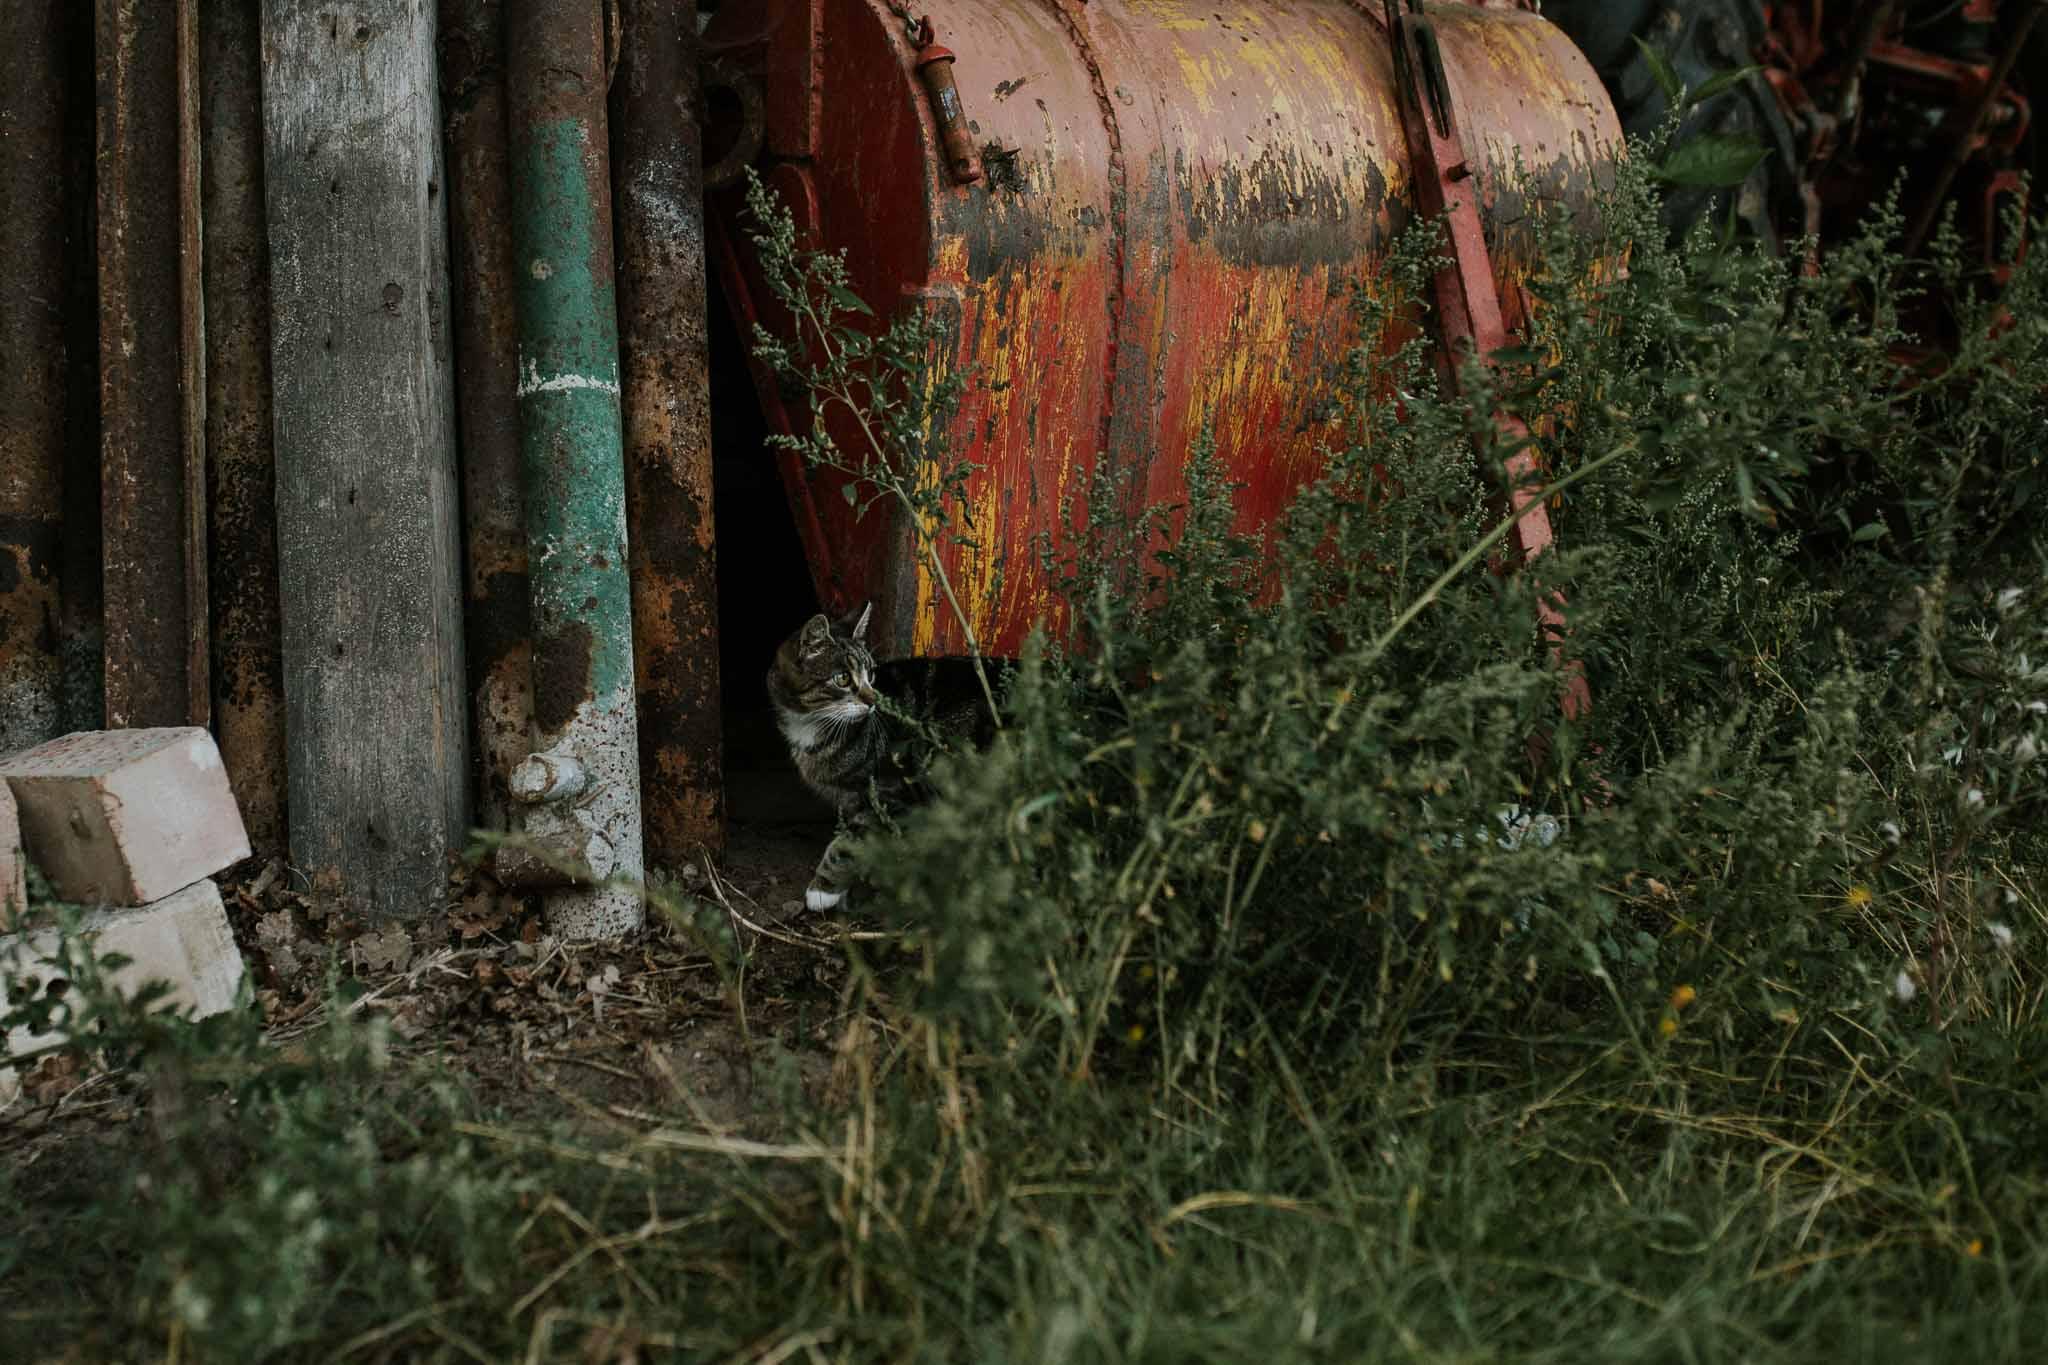 Katze auf dem Bauernhof